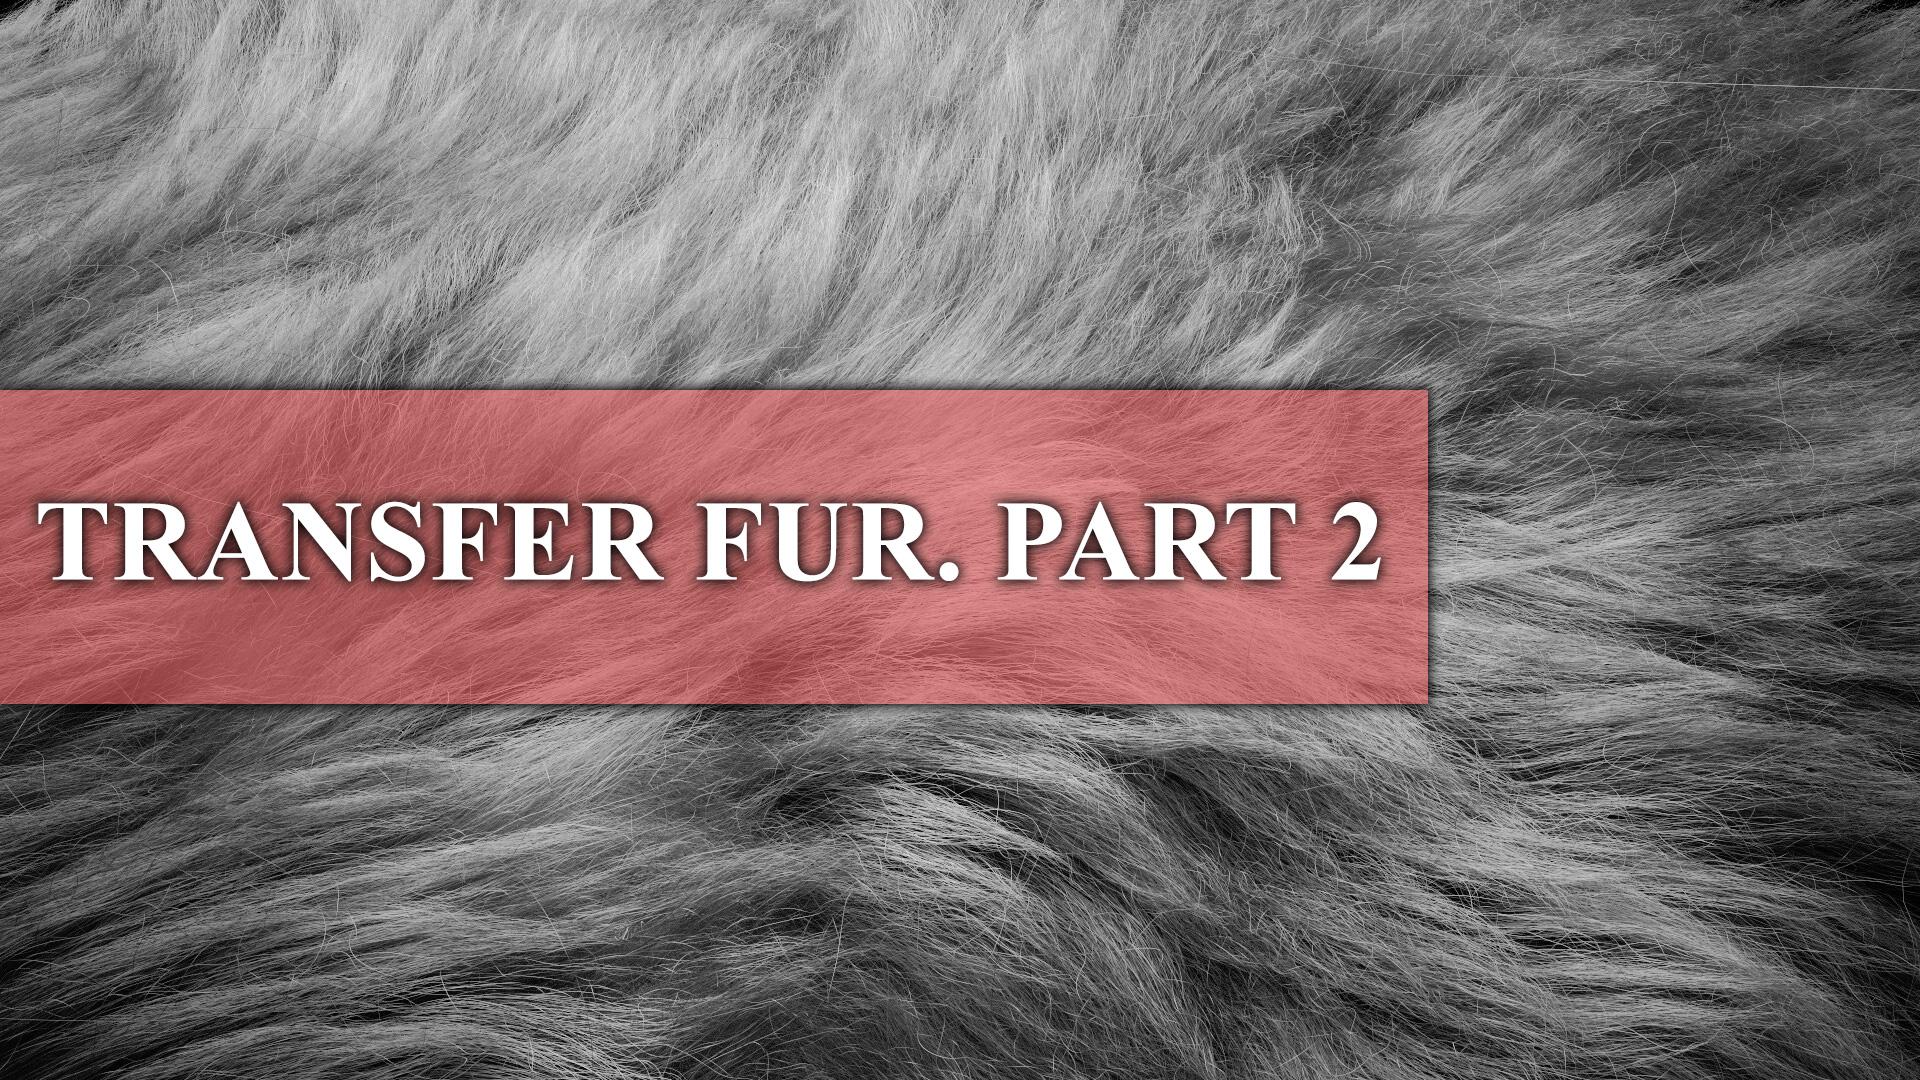 TRANSFER_FUR_PART-2.jpg